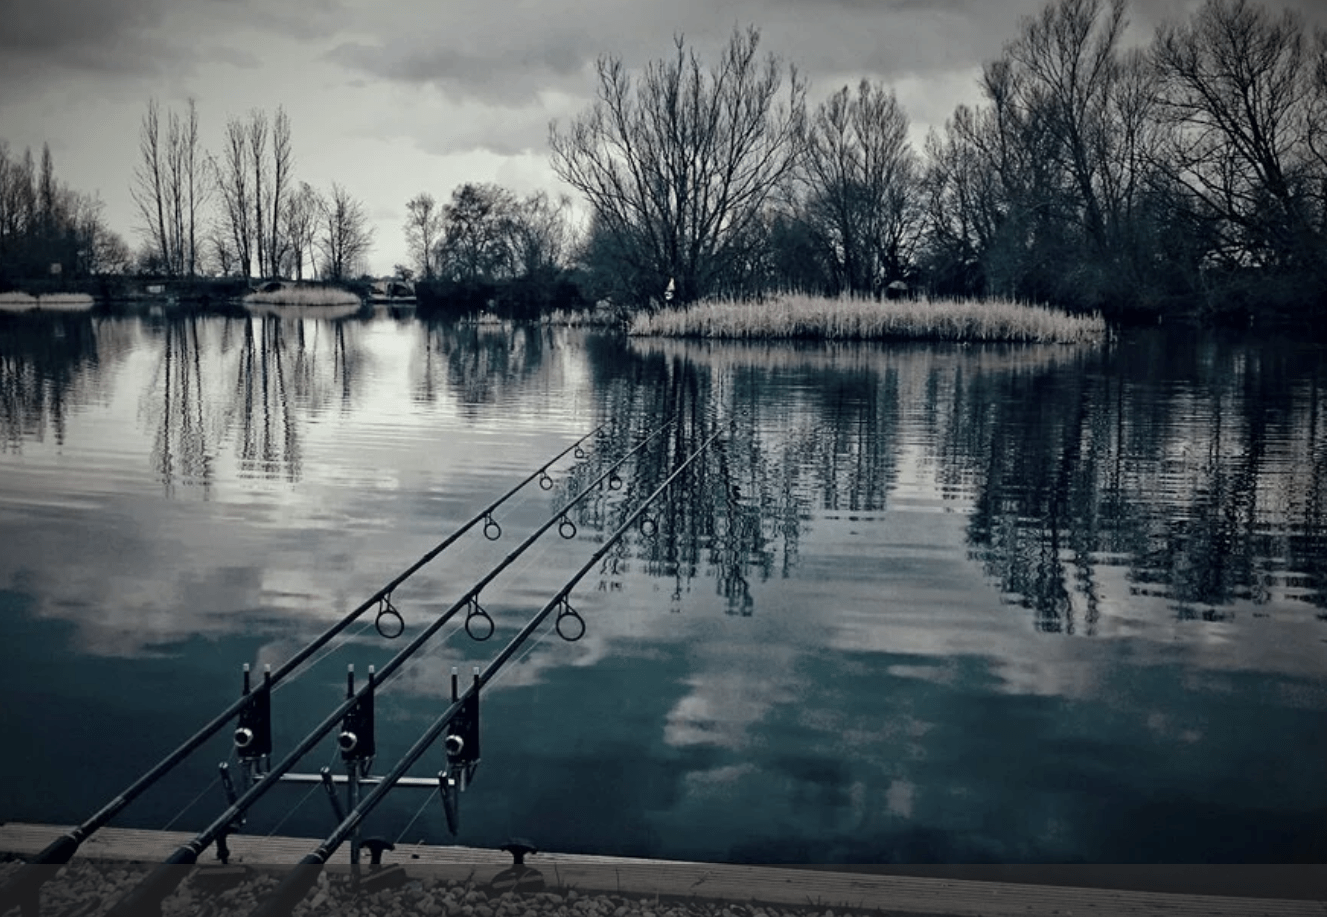 Lake Rods